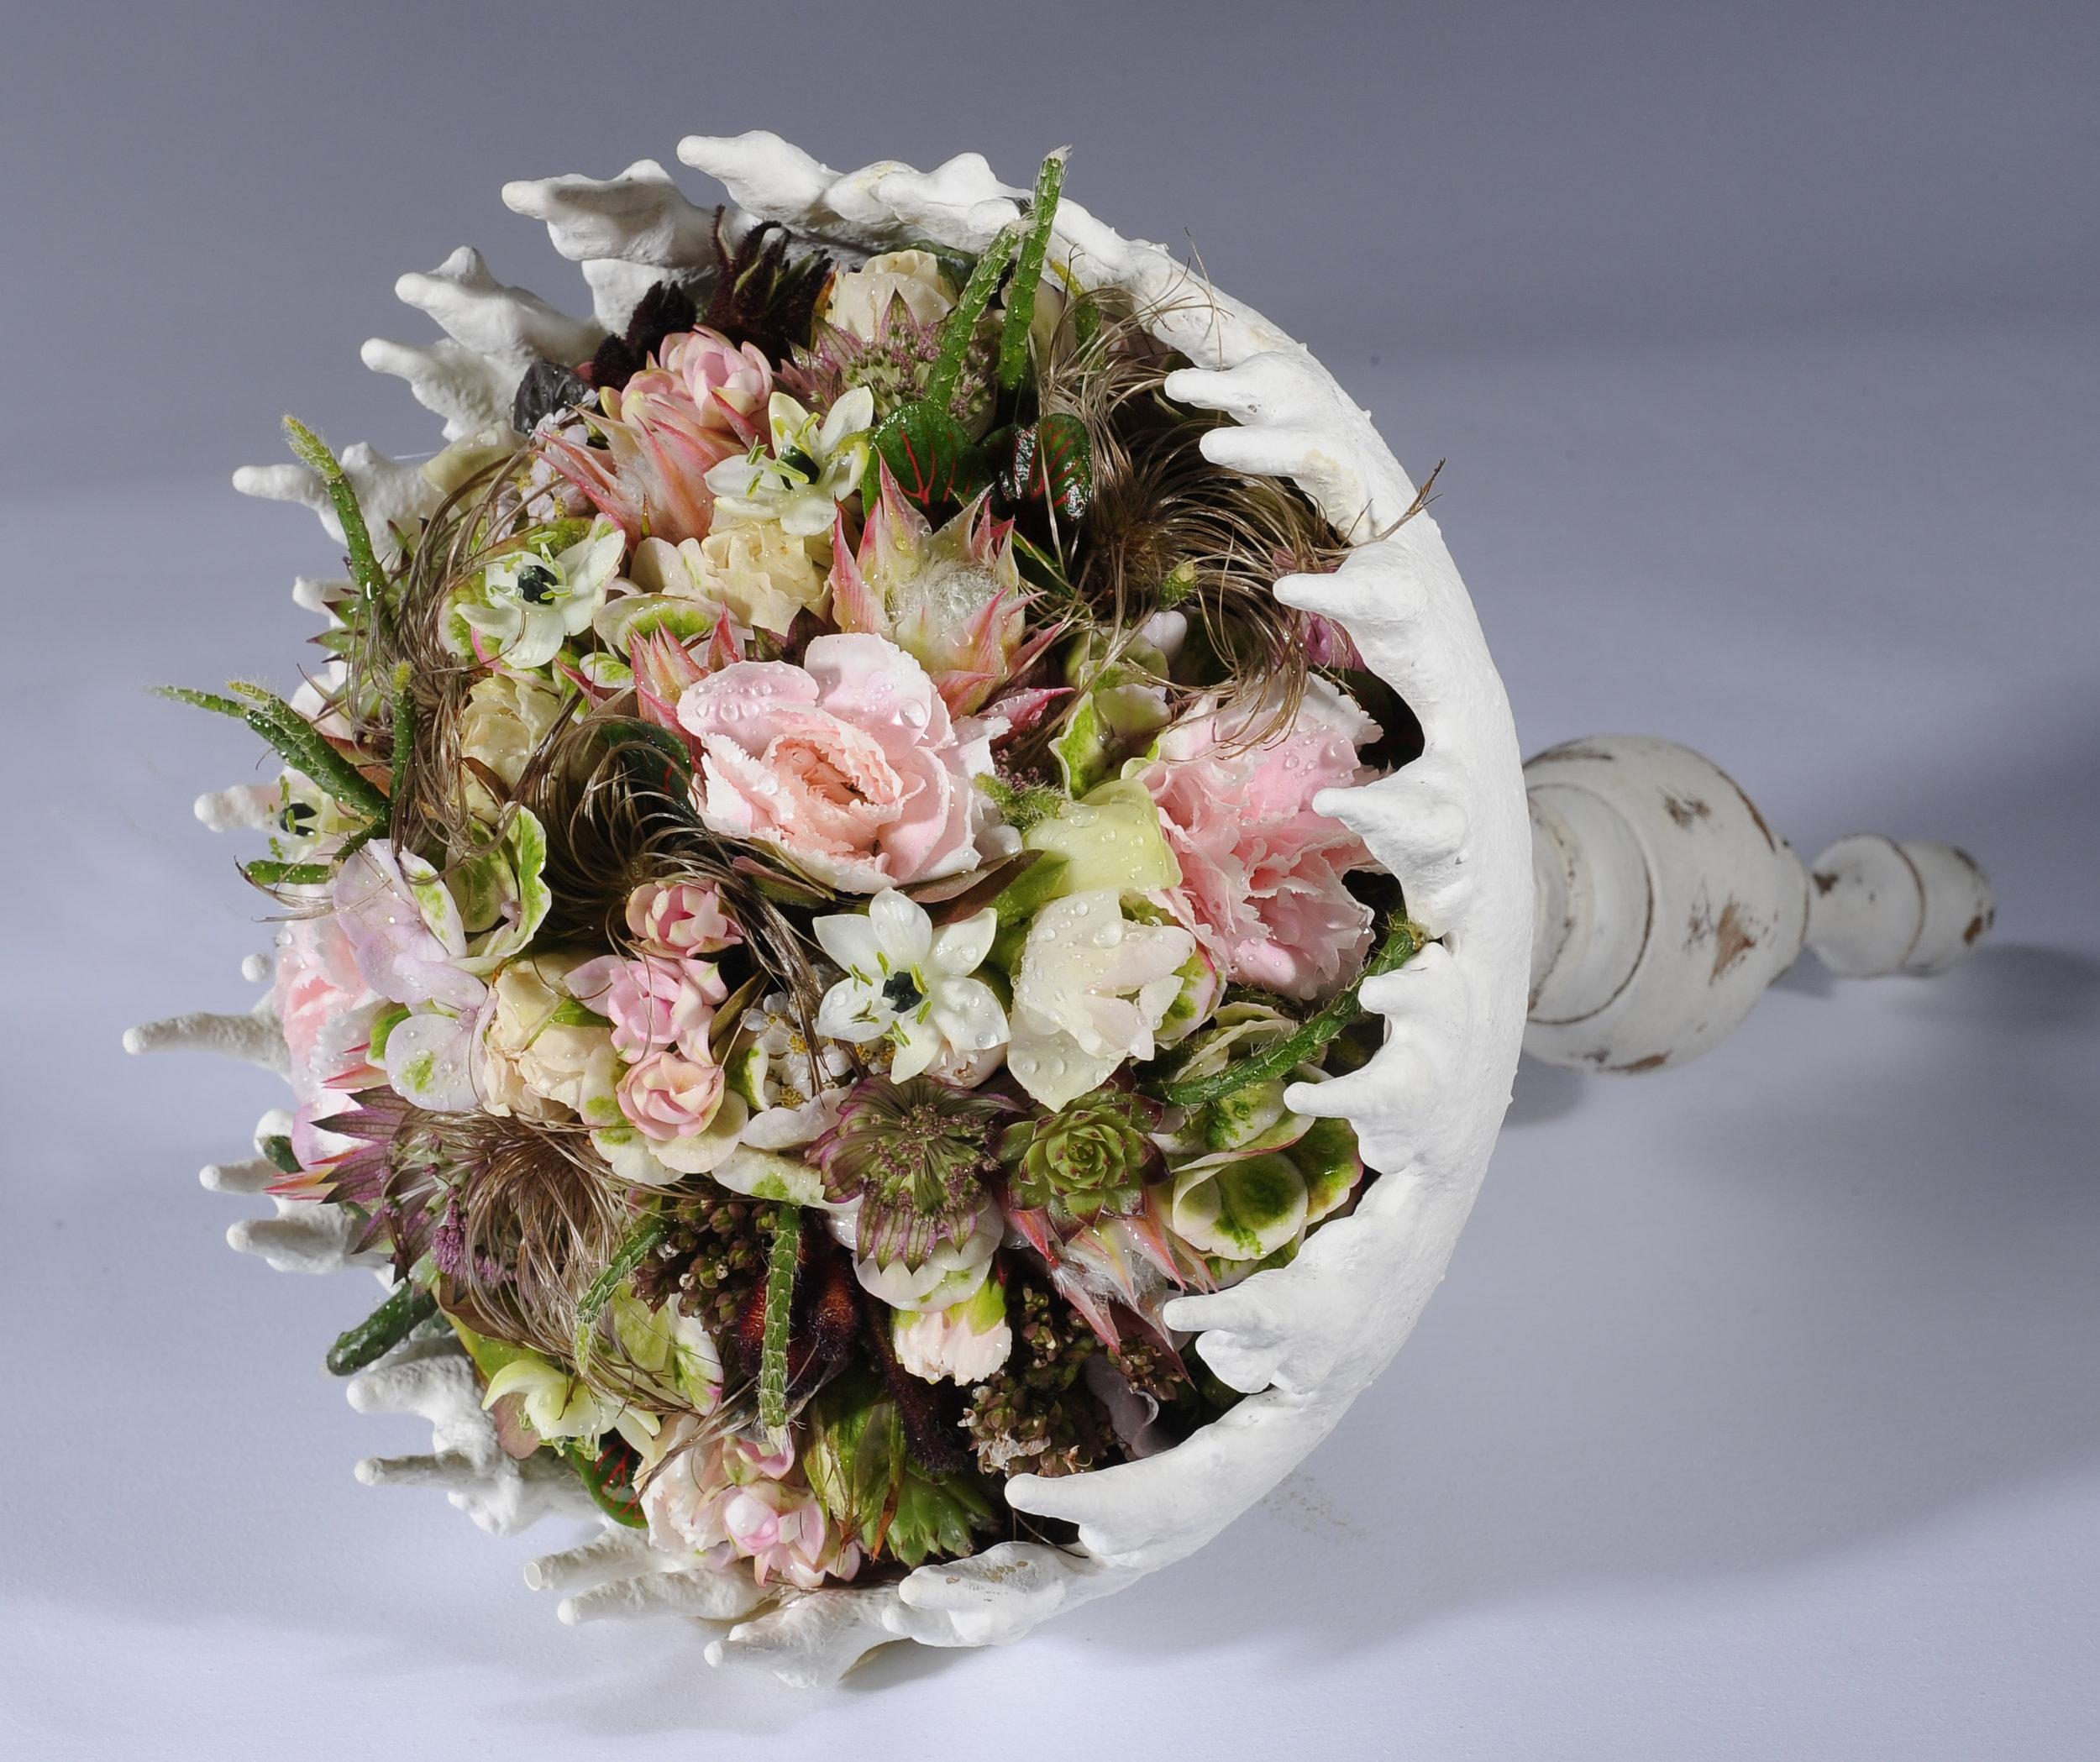 Katharina Meier gestaltete eine in der Hand getragenen Krönchenform als Brautschmuck.